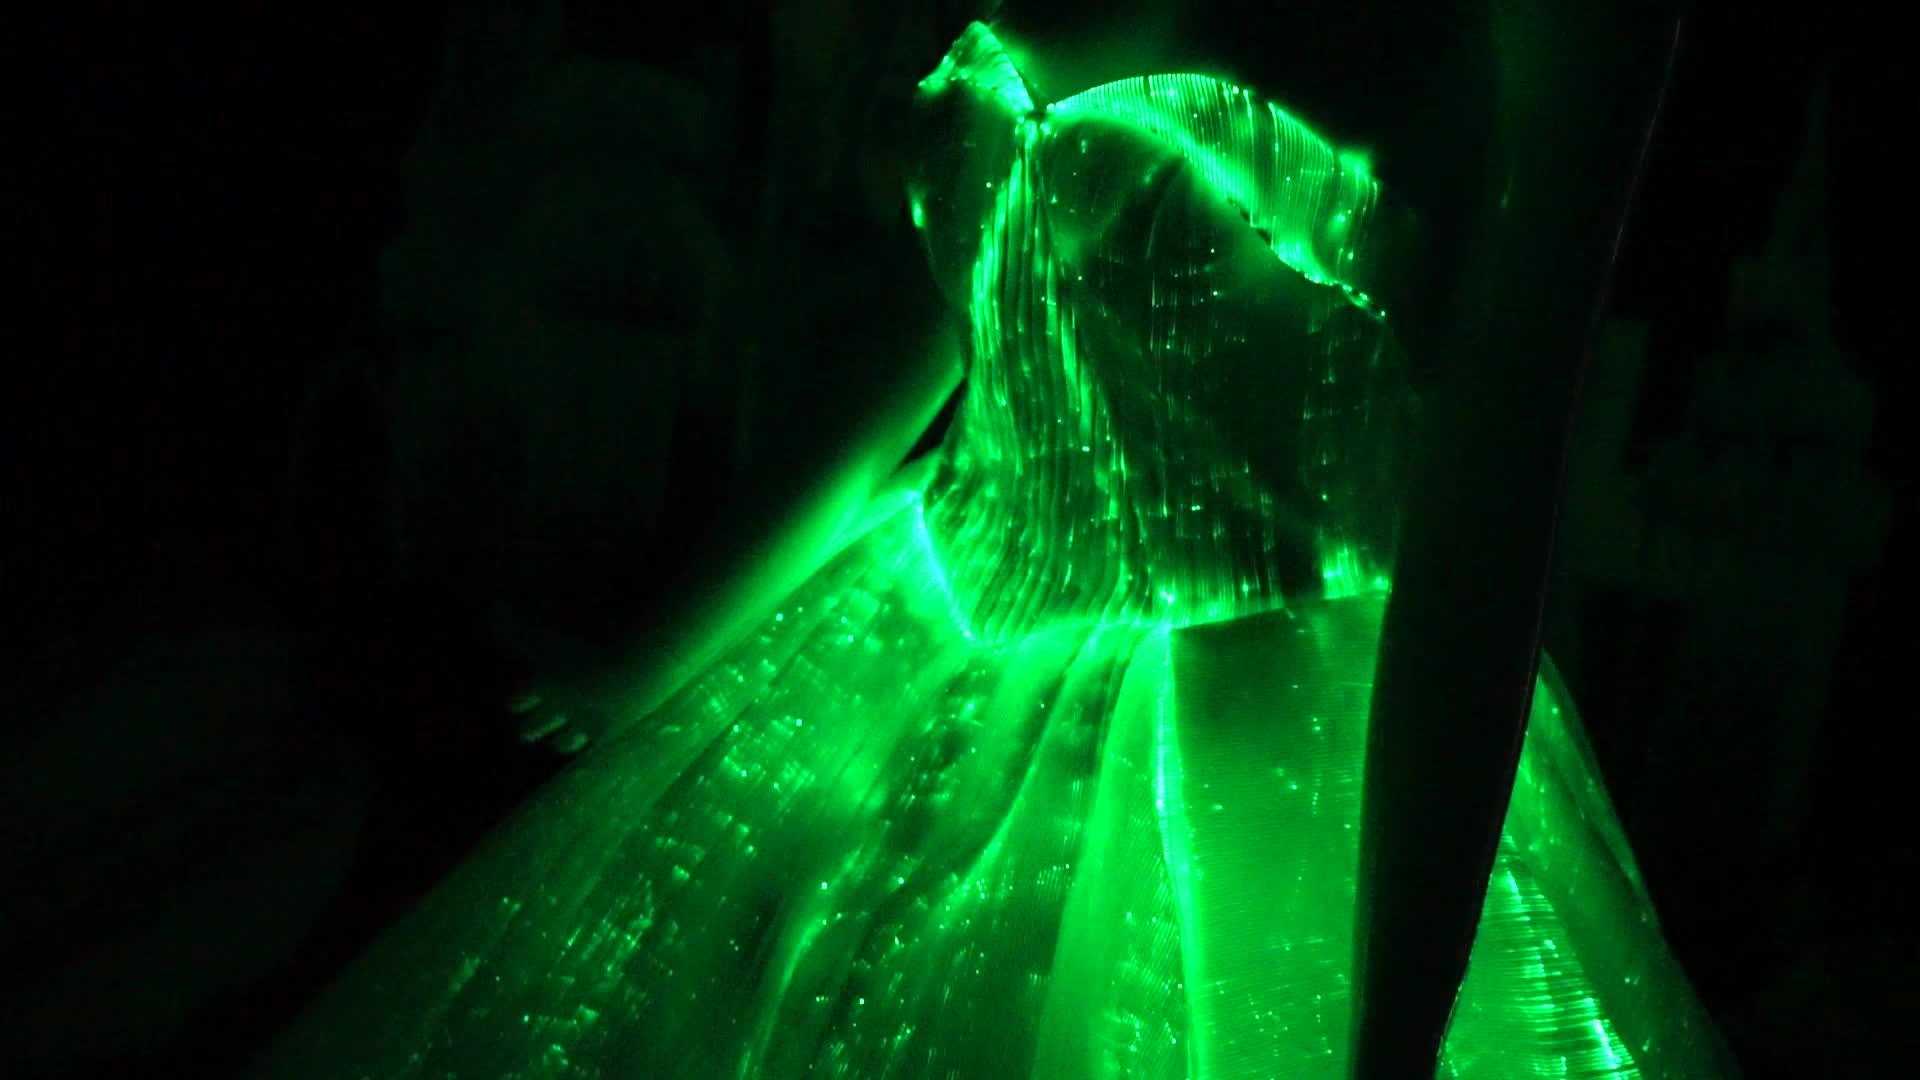 ダークフォーマルレース花嫁ロングマキシ女性発光女の子ライトアップパーティー繊維光グローイング Led ウェディングドレス